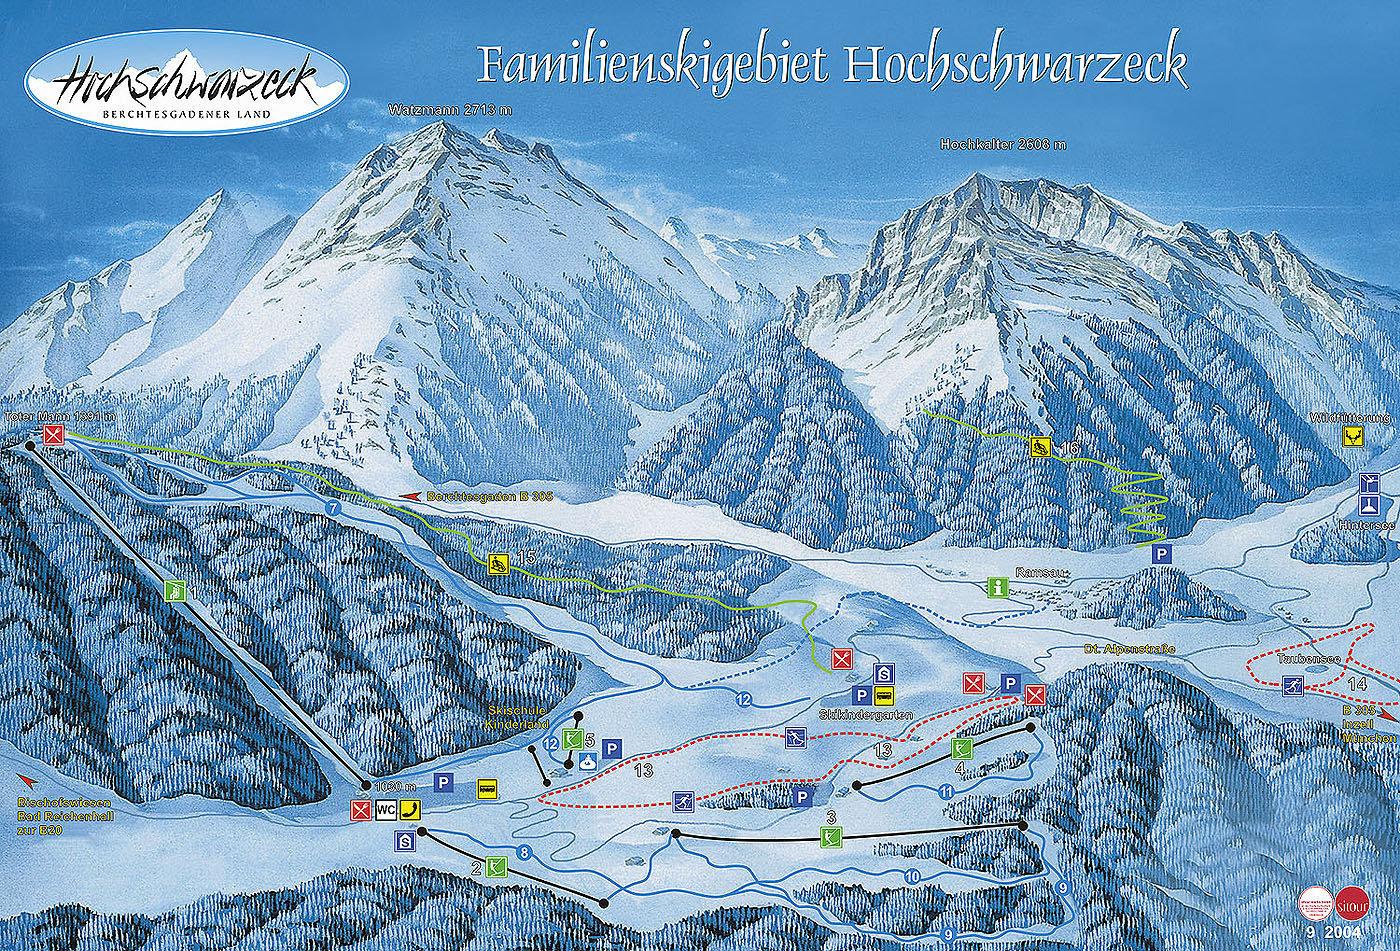 Lyžařská mapa sjezdovek areálu Hochschwarzeck